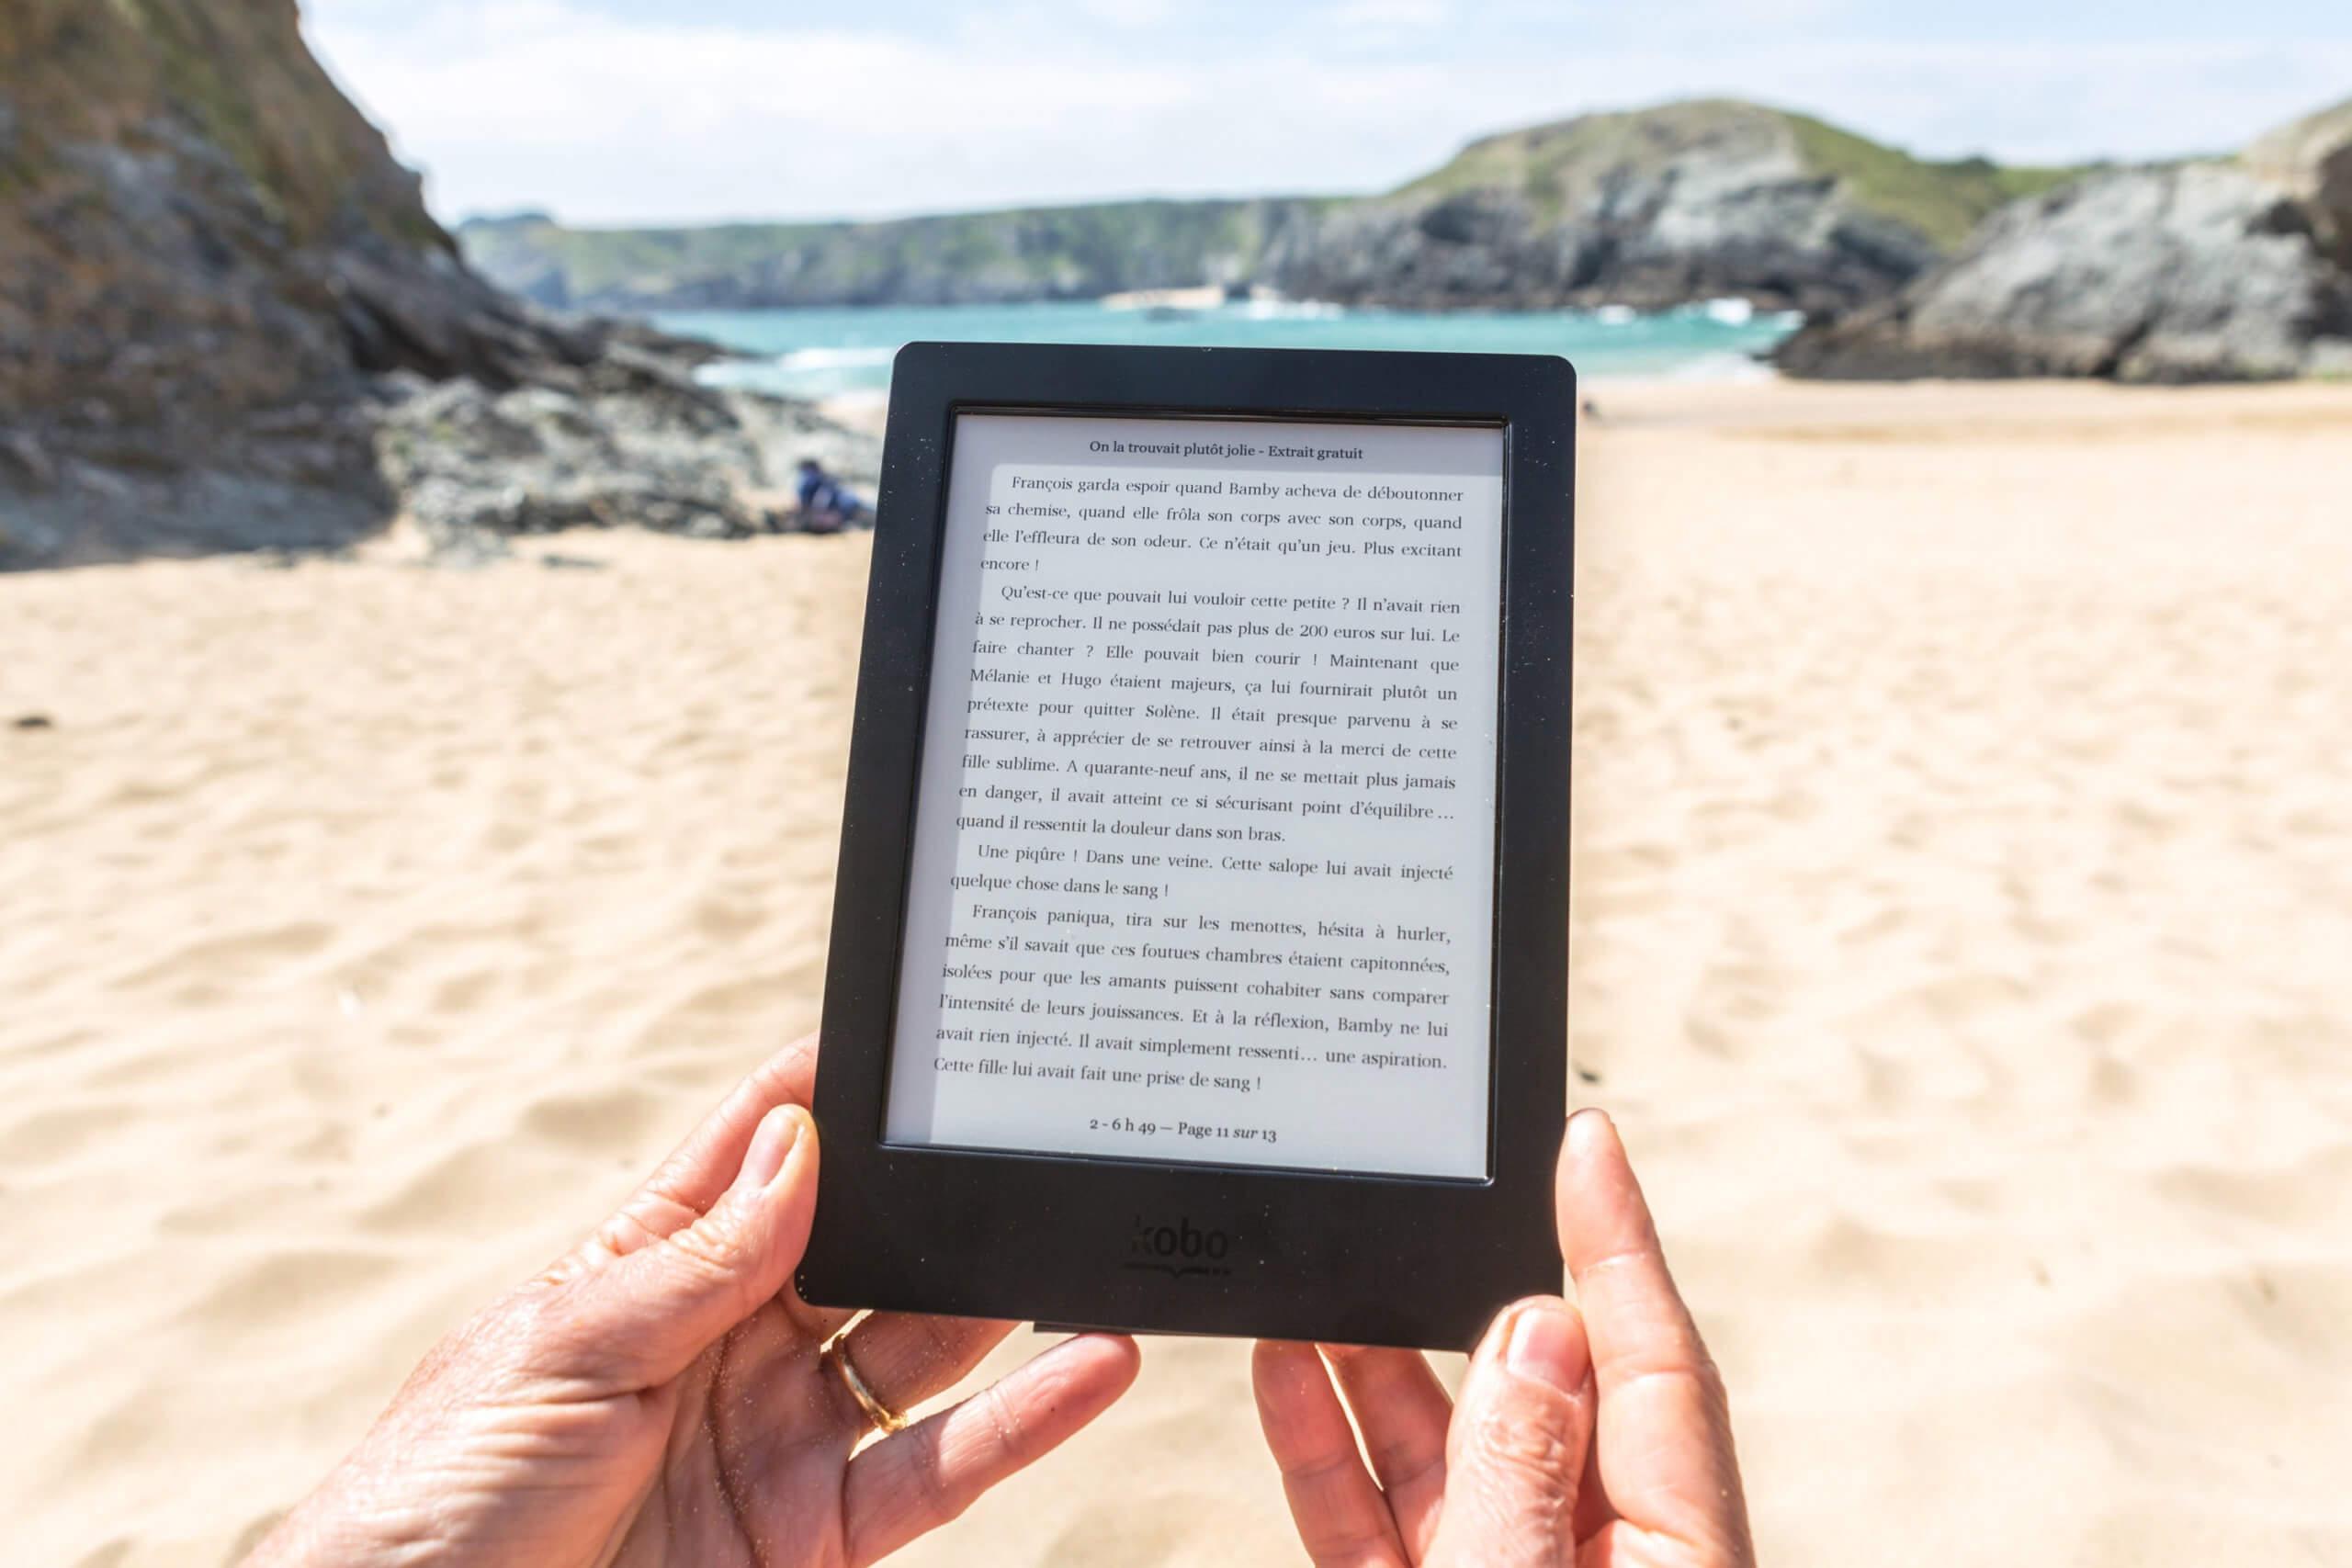 Kostenlose Ebooks am Strand oder Küste